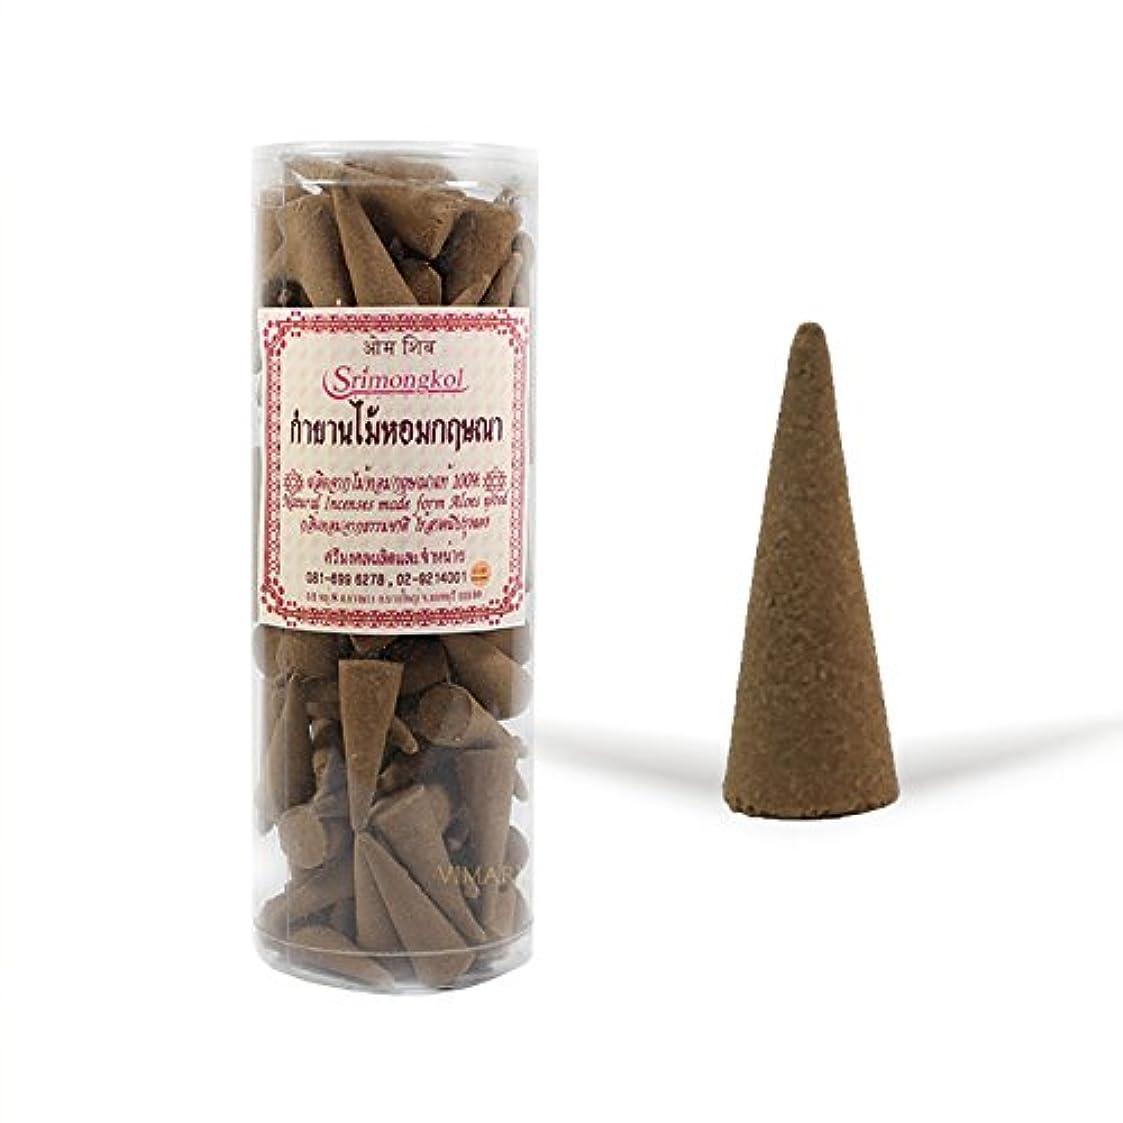 規範進化お誕生日Srimongkol Agarwood Natural Incense Cones 300 Grams (No Chemical):::Srimongkol Agarwoodナチュラル香コーン300グラム(化学薬品なし)